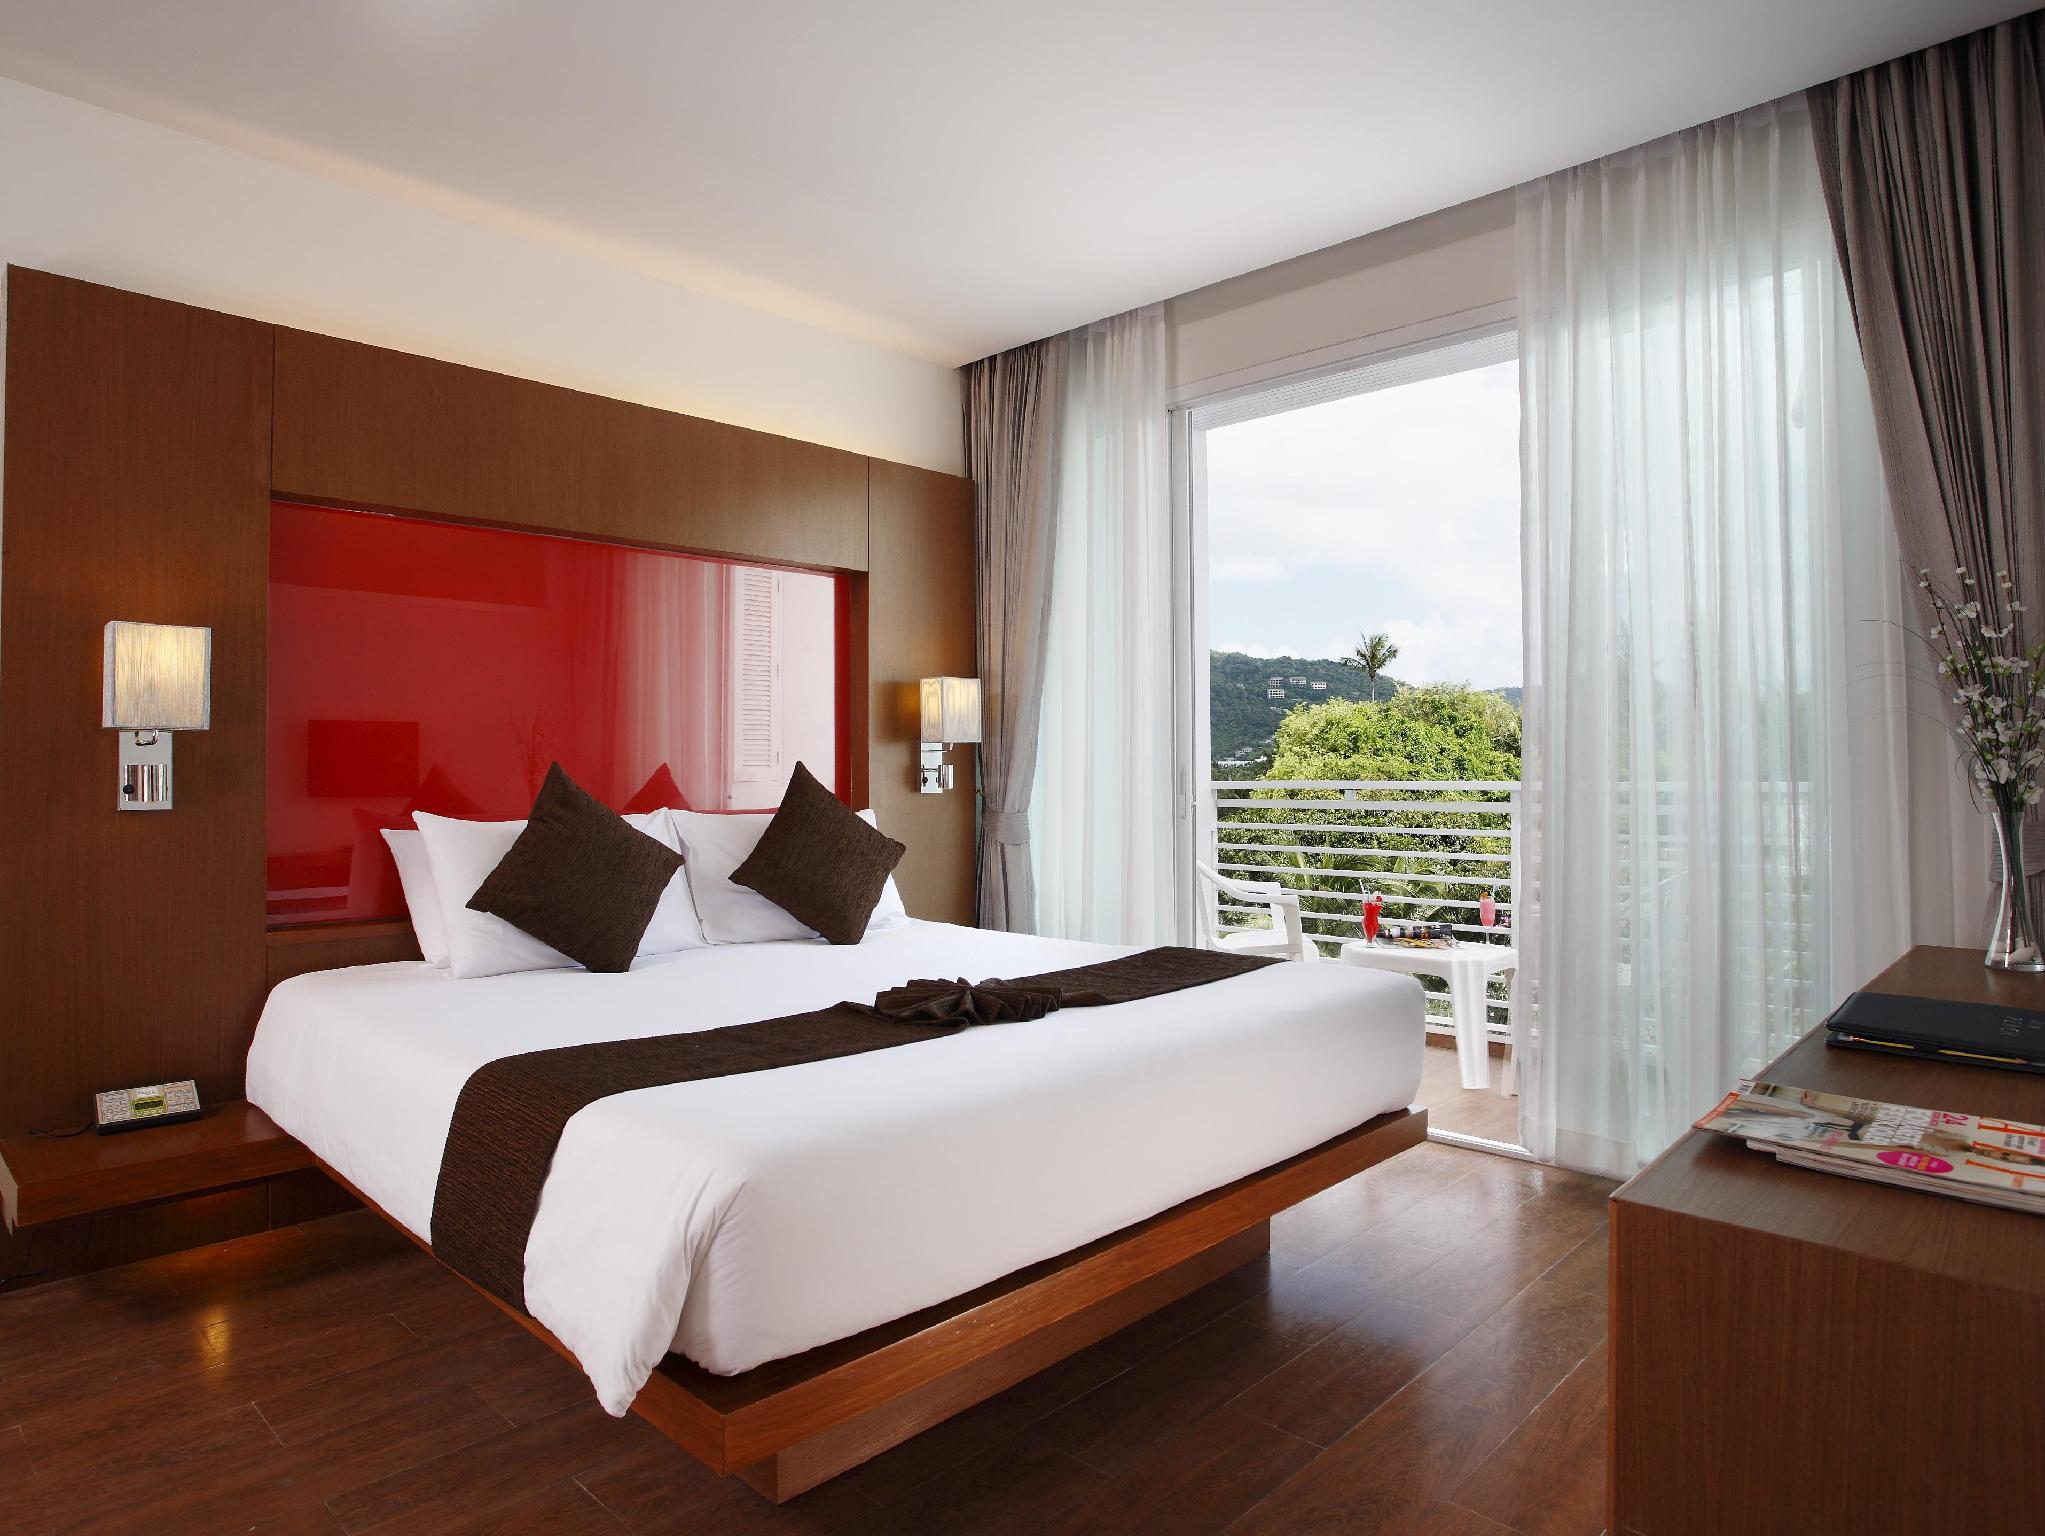 ピーチヒル・ホテル11